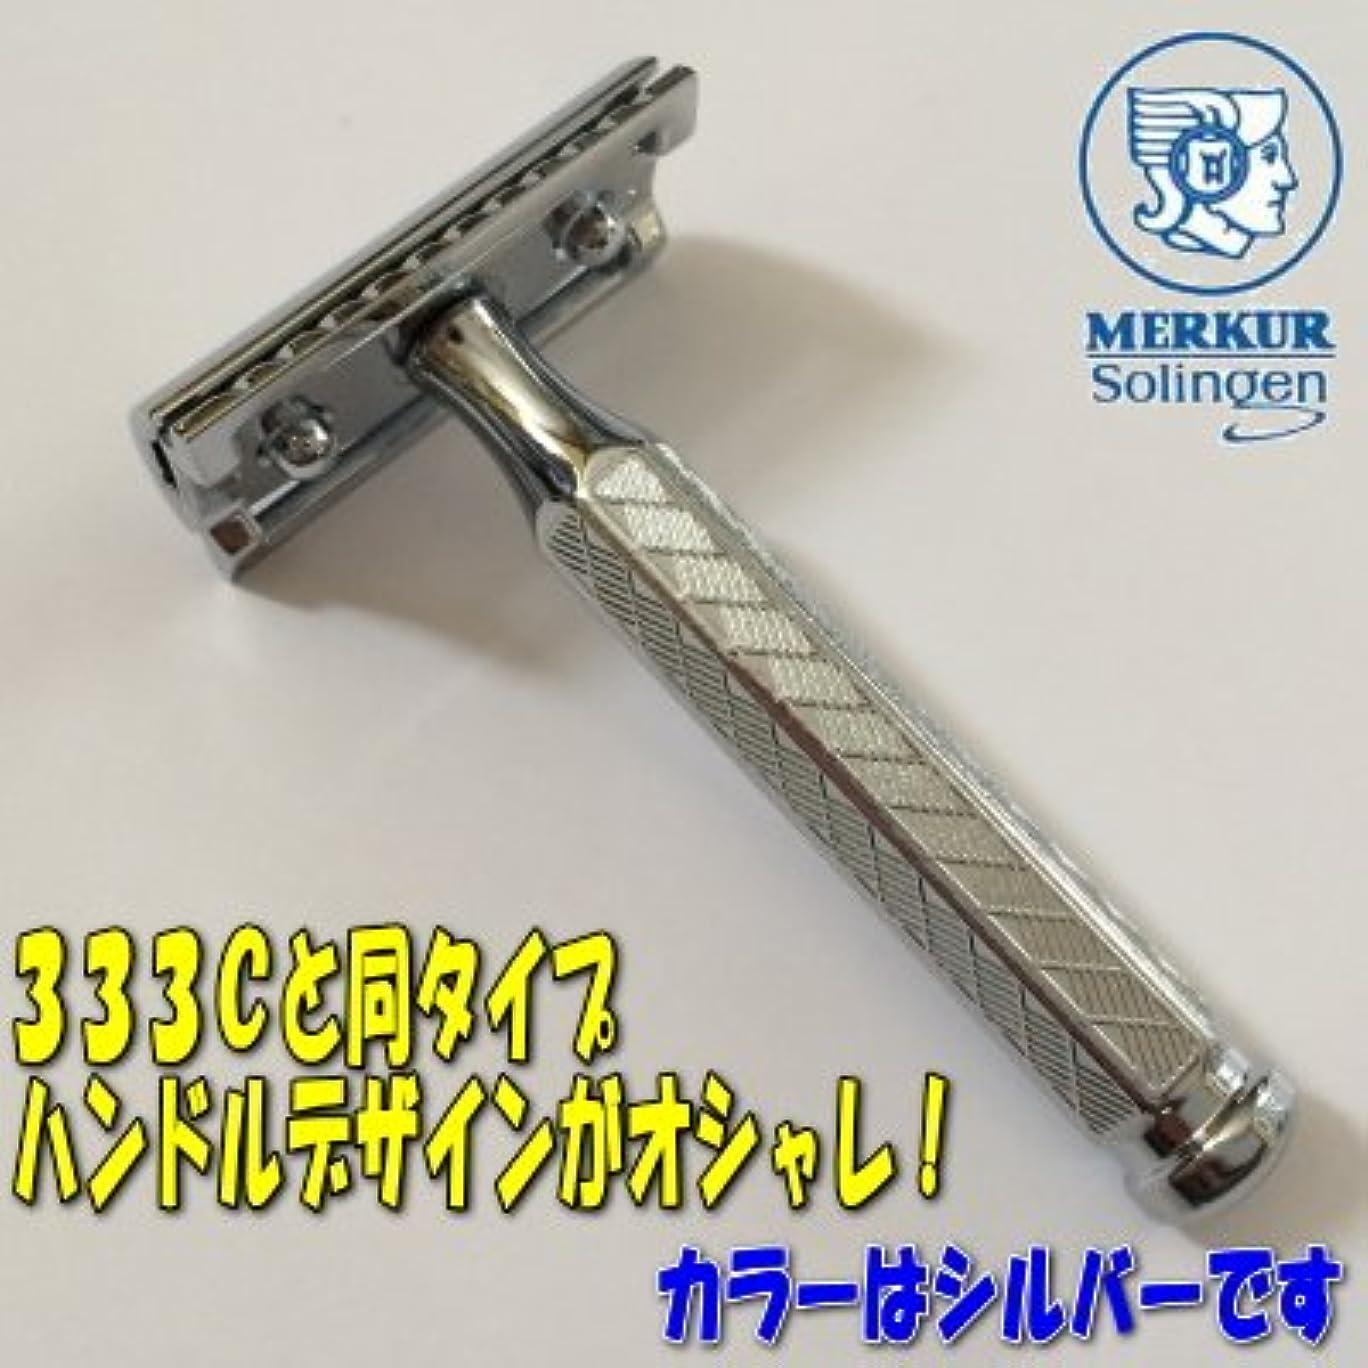 注入する外交官手荷物メルクール髭剃り(ひげそり) 342